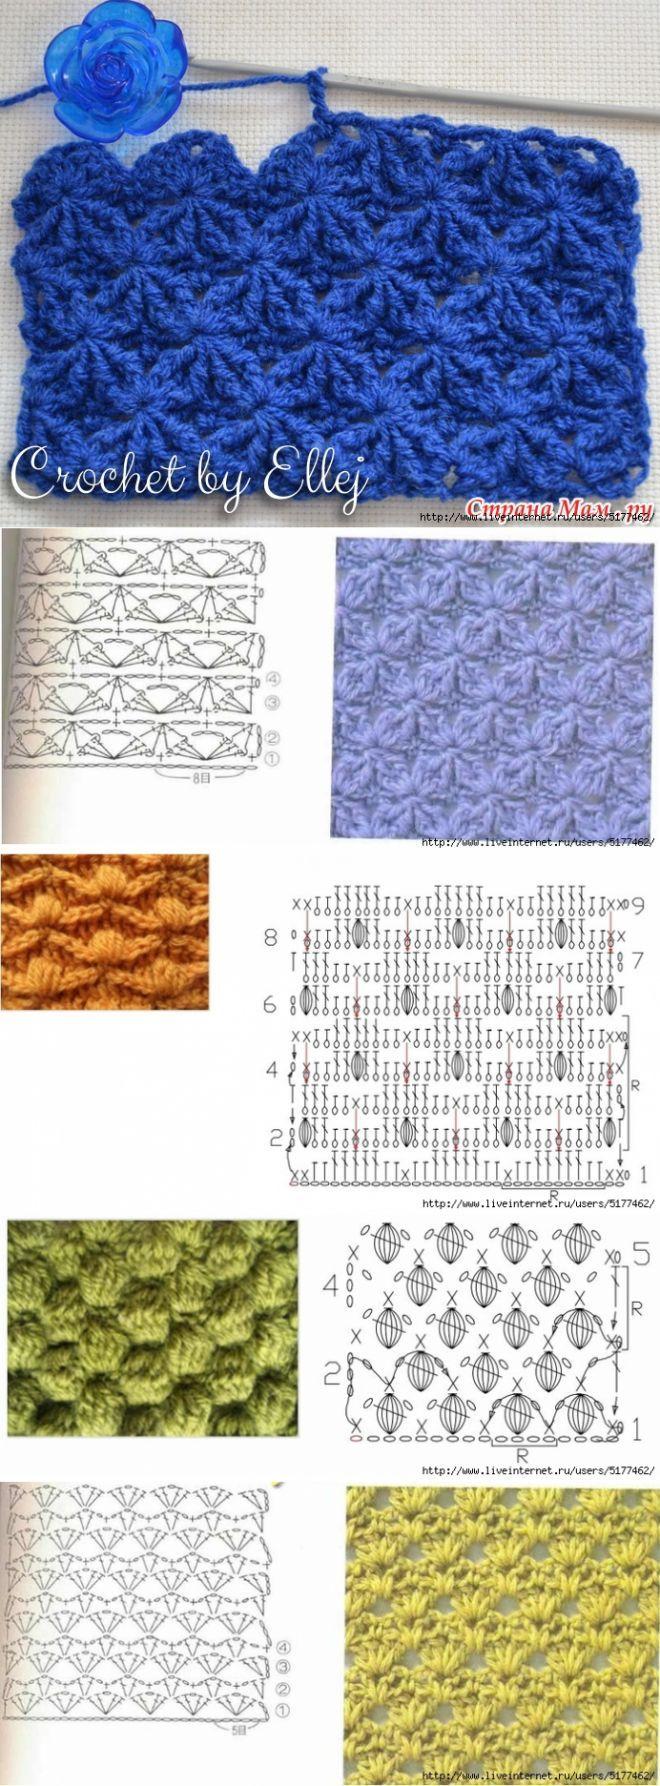 Букет голубых фиалок [] #<br/> # #Crochet #Stitch,<br/> # #Cunha,<br/> # #Crochet #Pattern,<br/> # #Projects,<br/> # #Knitting,<br/> # #Points,<br/> # #Tissue,<br/> # #Patterns,<br/> # #Crochet<br/>